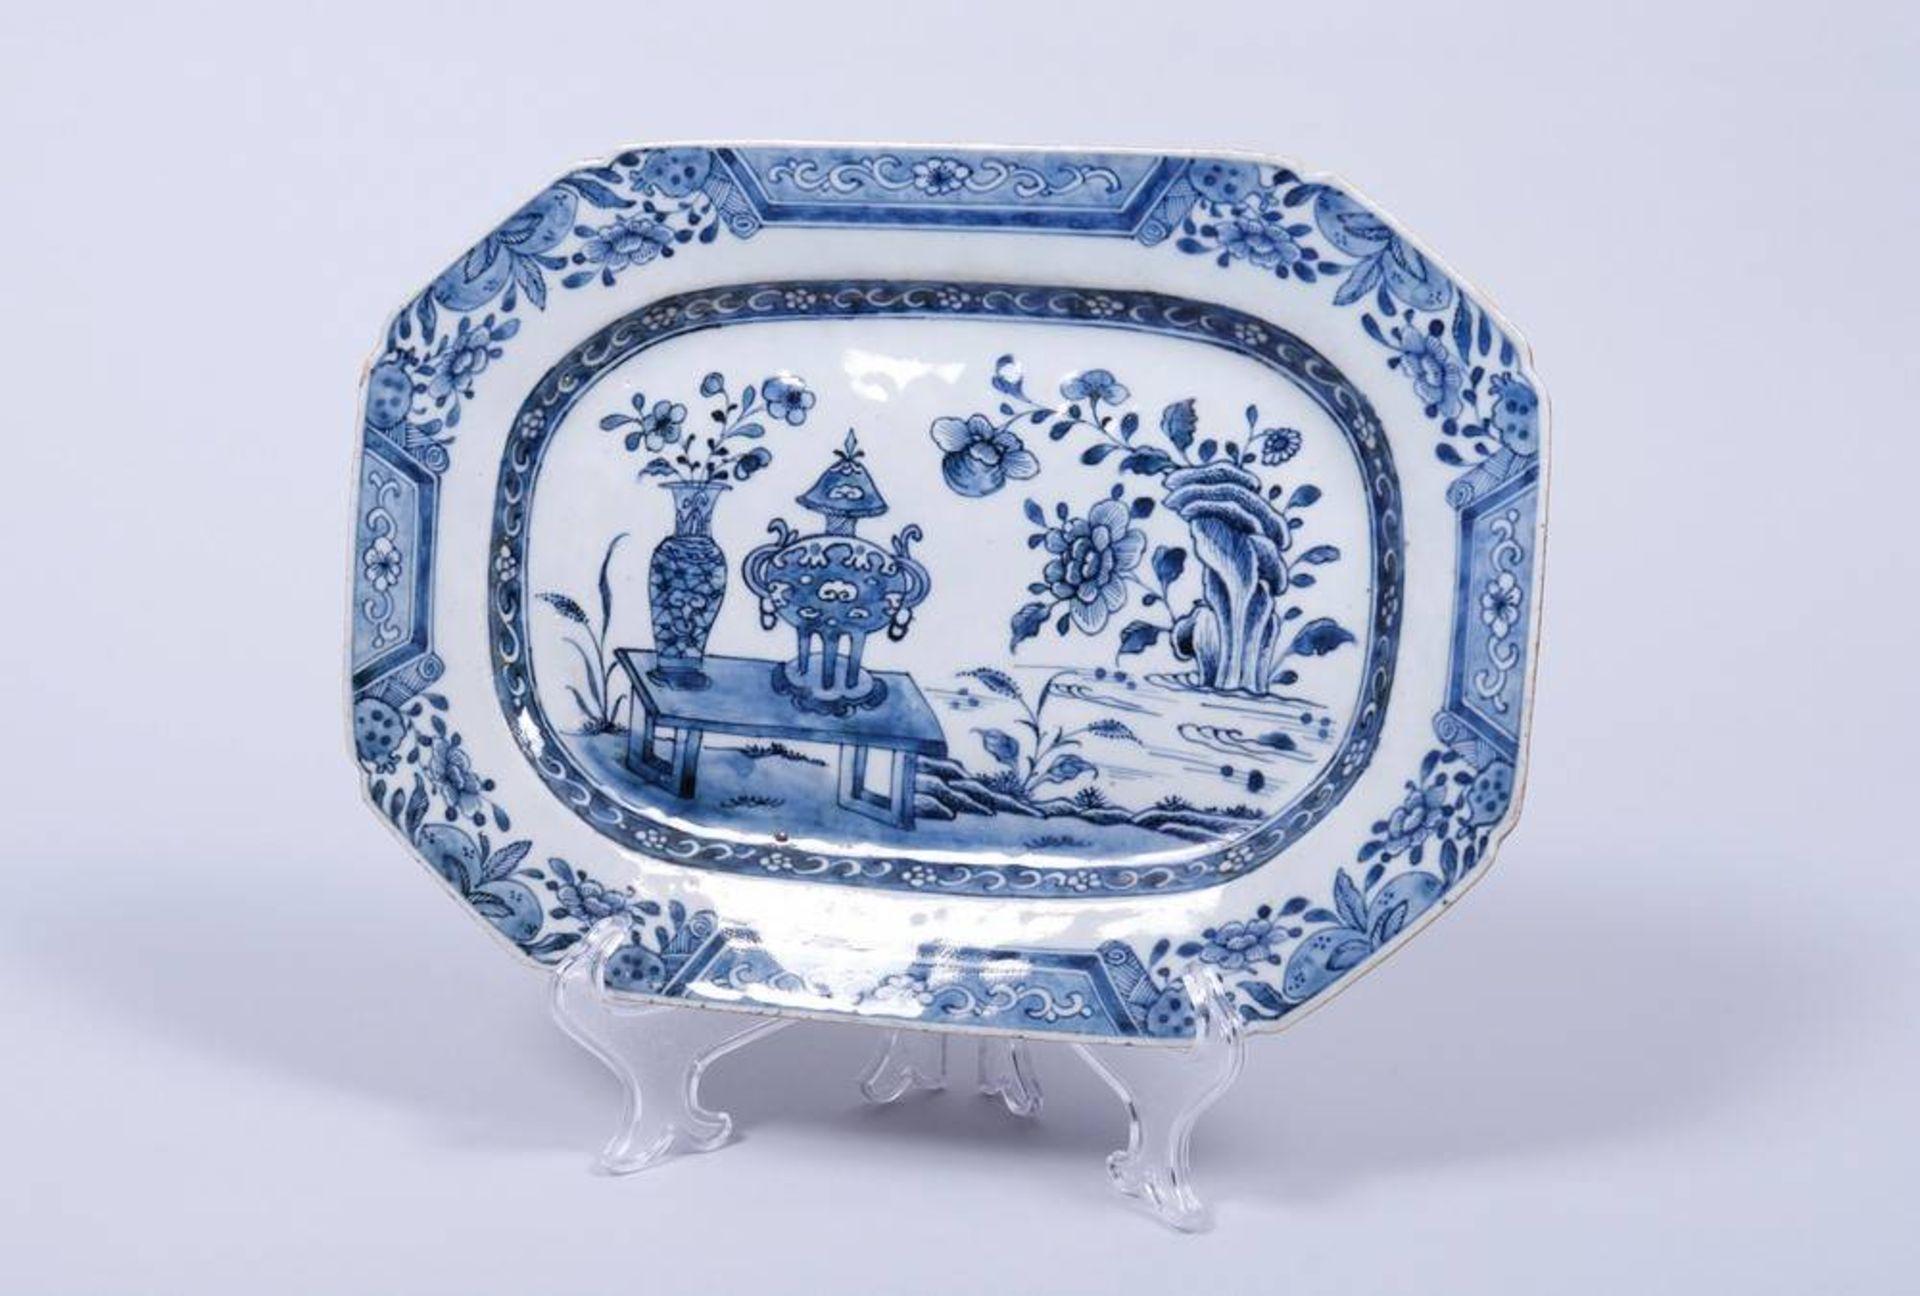 Servierplatte, wohl China, 19.Jh. polygonale Form, im Spiegel Tisch-, Vasen und Felsdekor in